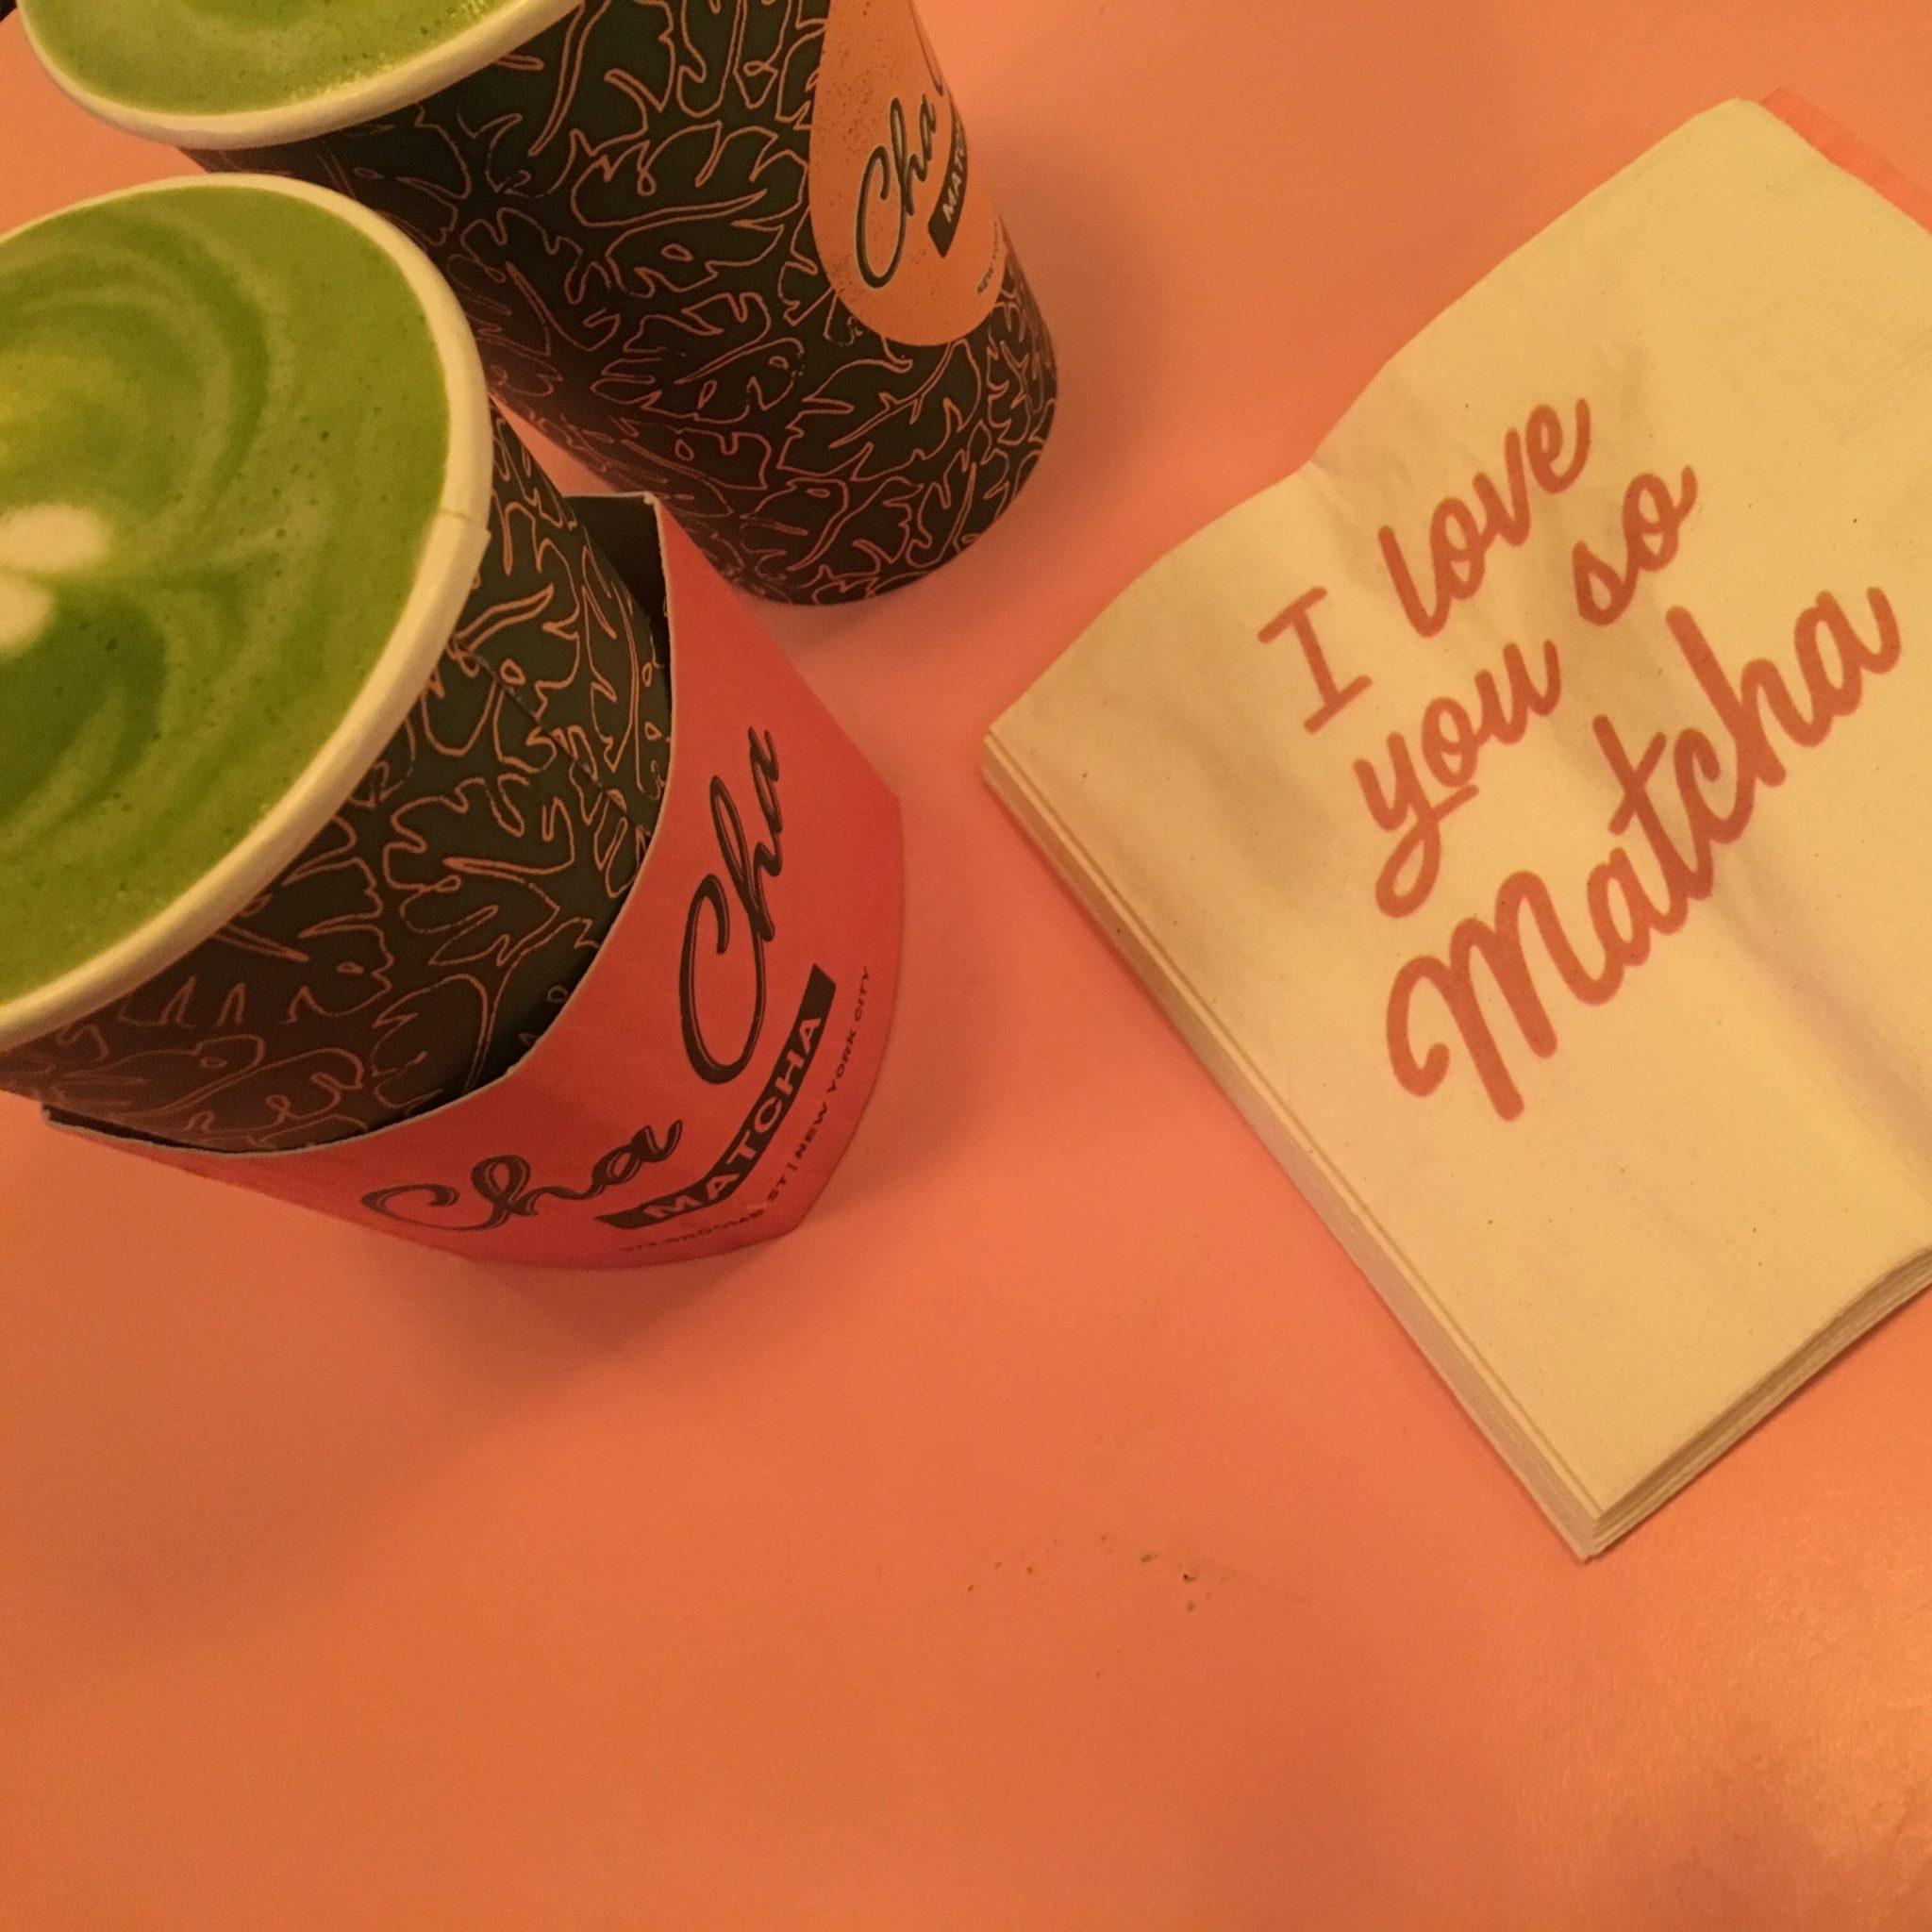 #インスタ映え #ピンク 抹茶カフェ in NY 💚💗